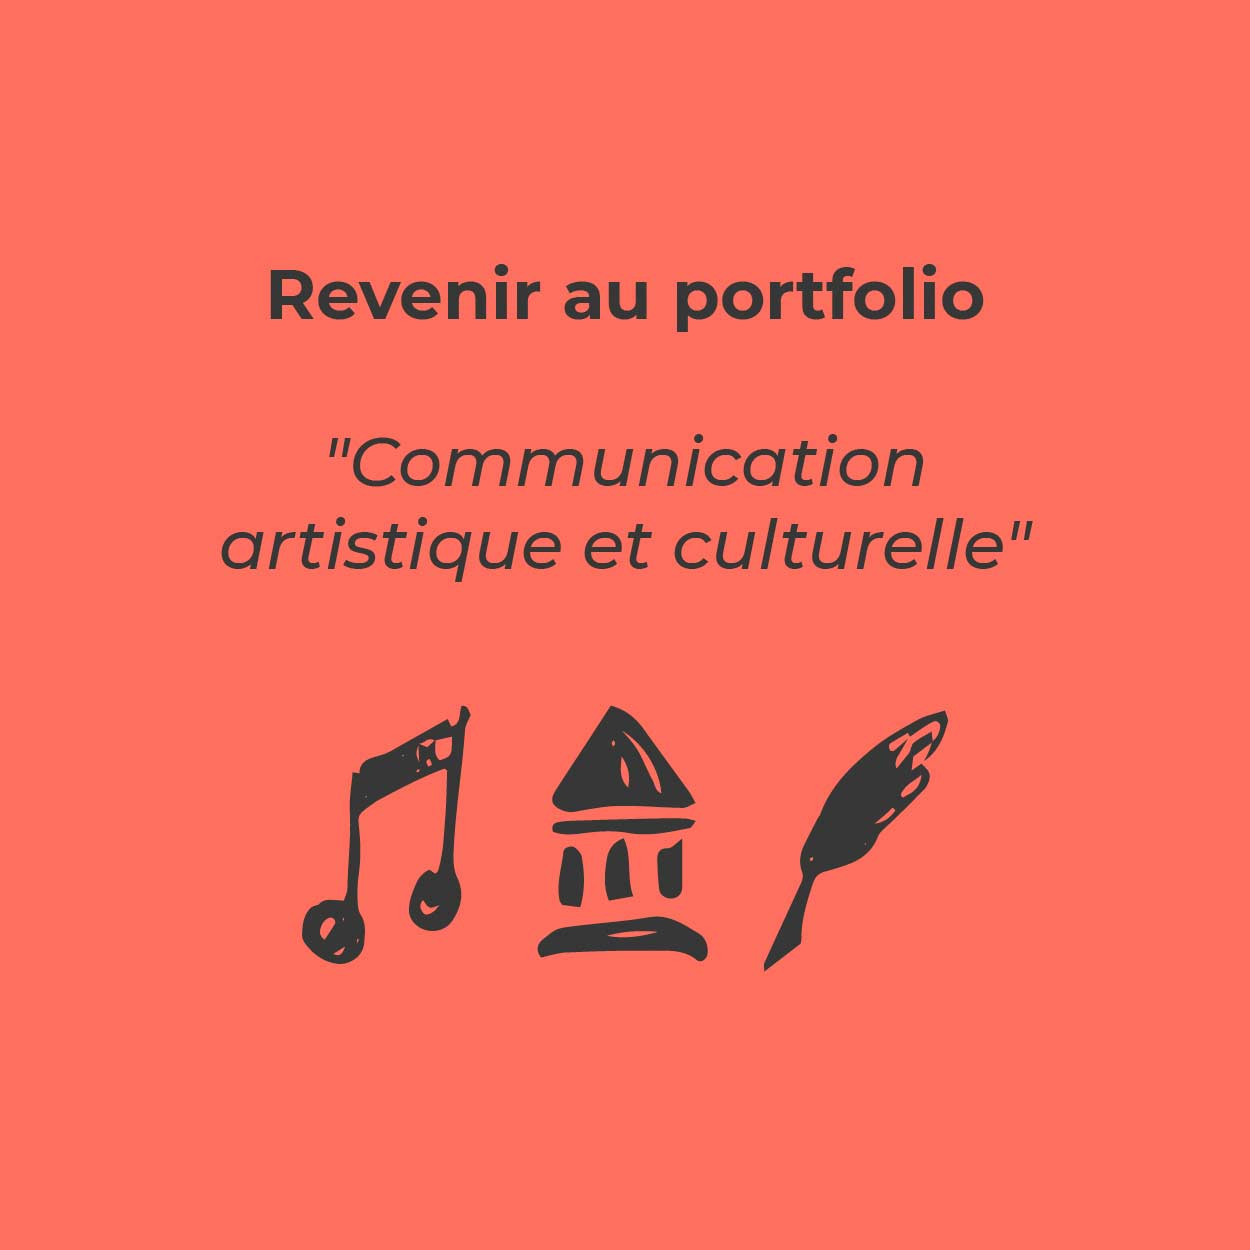 Bouton pour revenir au portfolio «Communication artistique et culturelle»